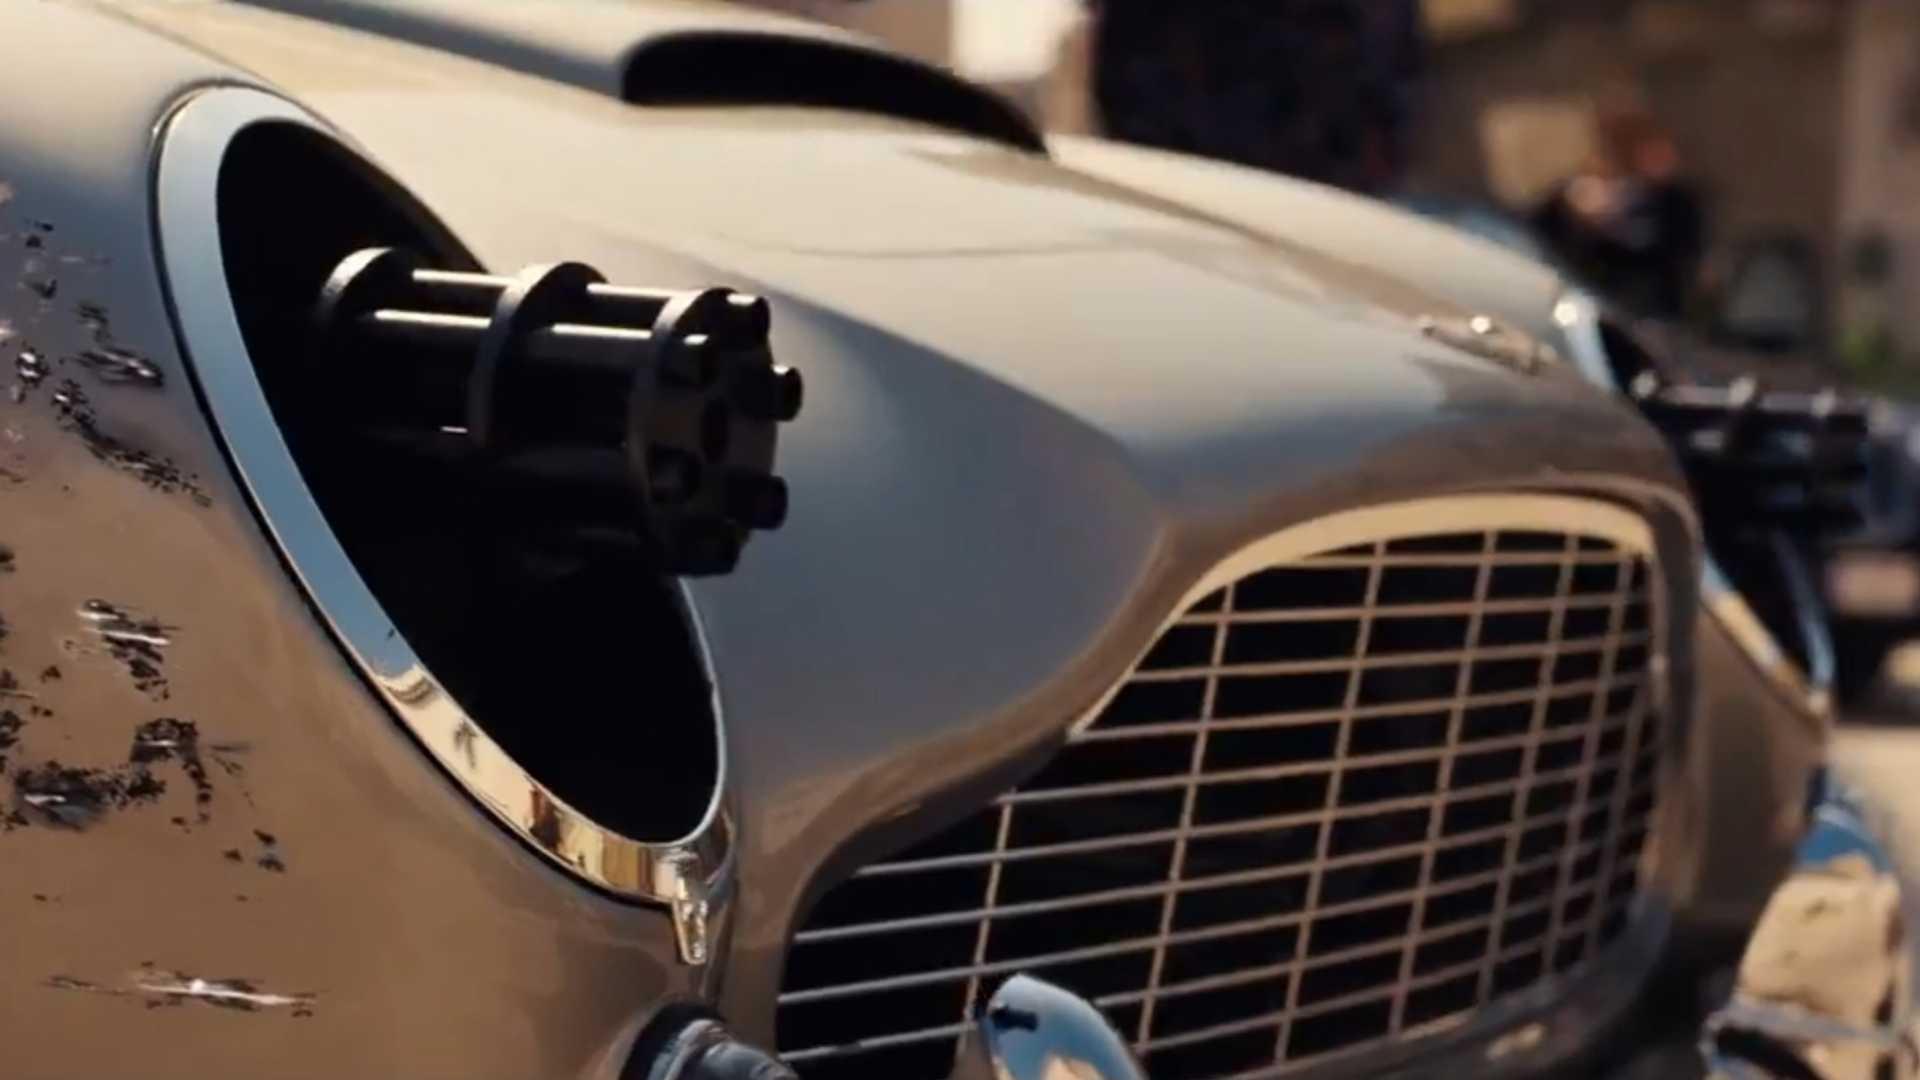 В сети опубликовали короткое видео 25-й части бондианы. В ролике показаны опасные трюки, перестрелки, сцены погони и, конечно, агентский автомобиль от Aston Martin.